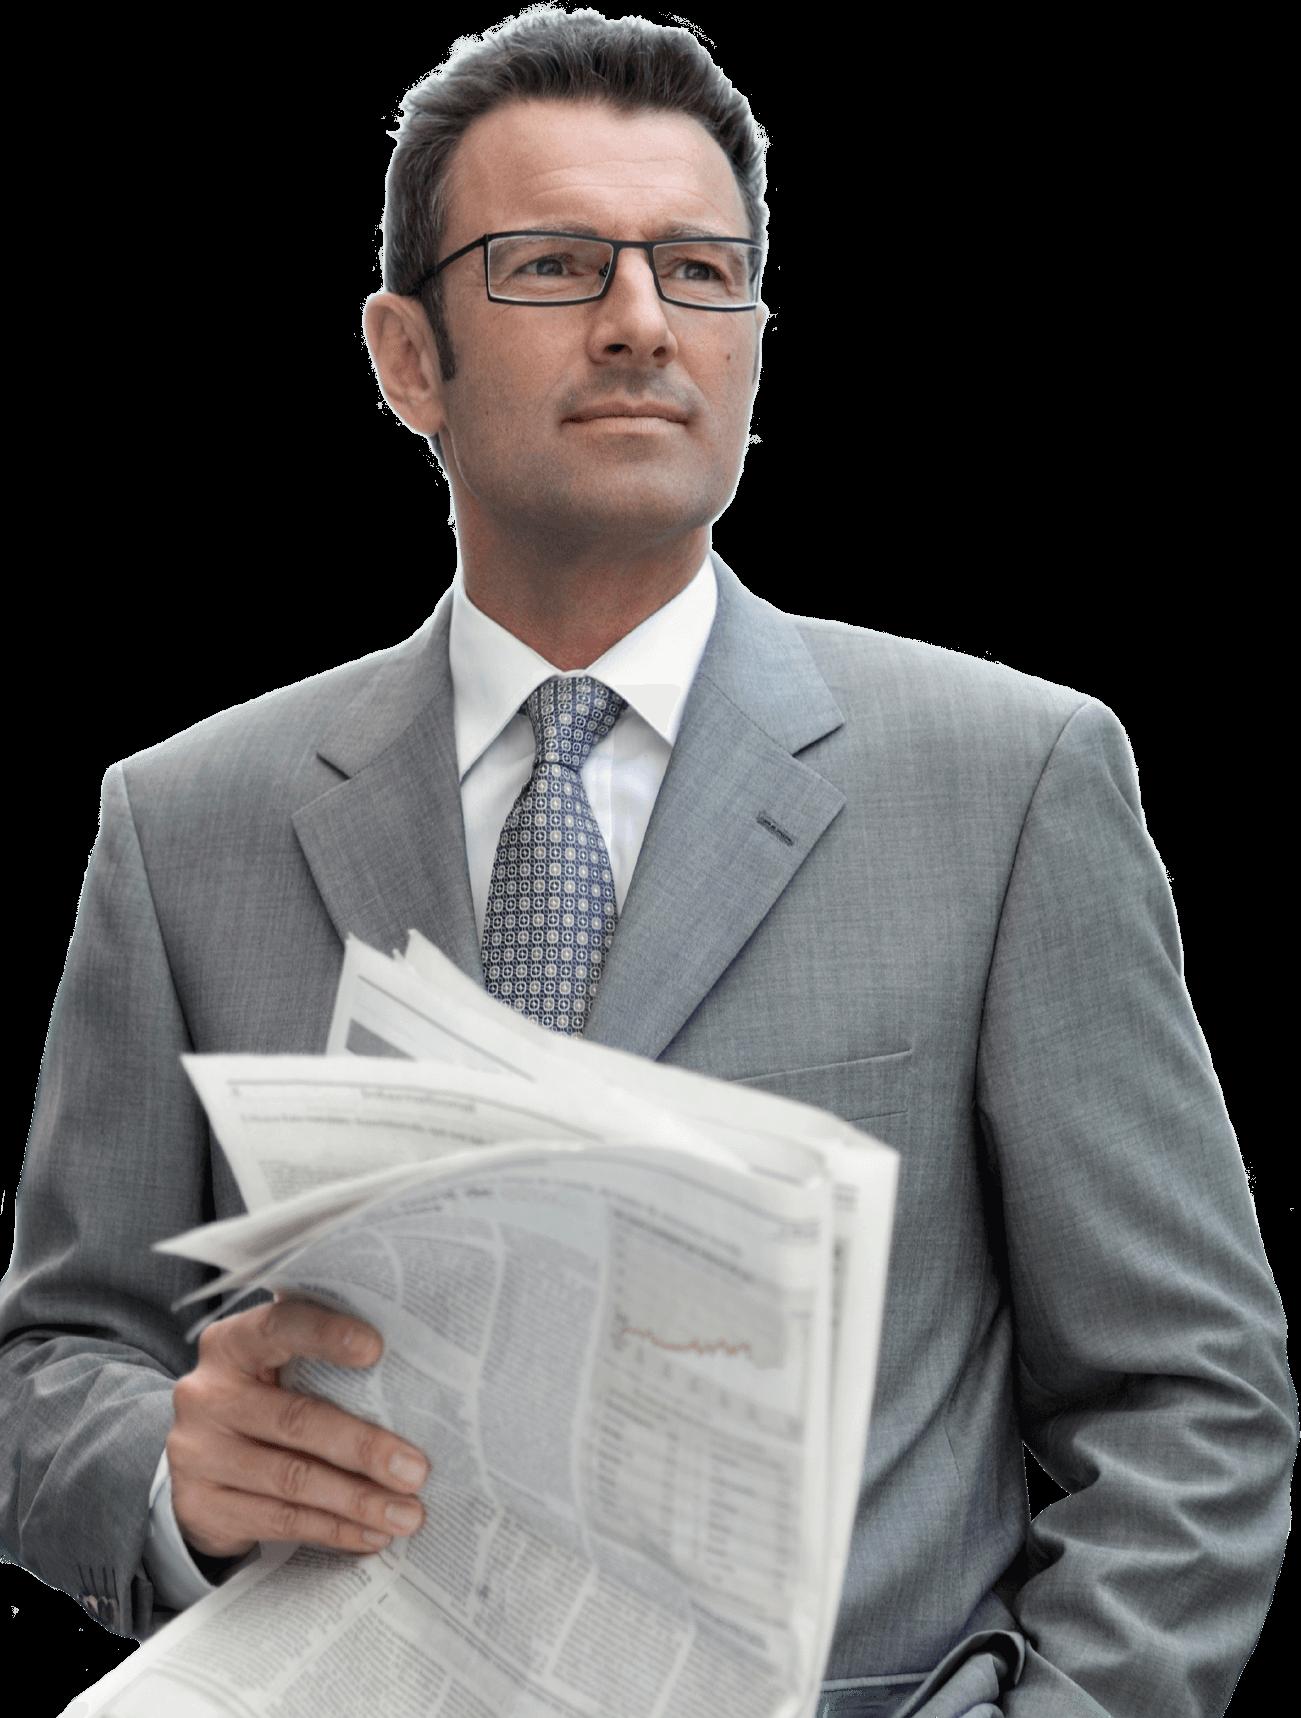 Businessman transparent png stickpng. Clipart man newspaper